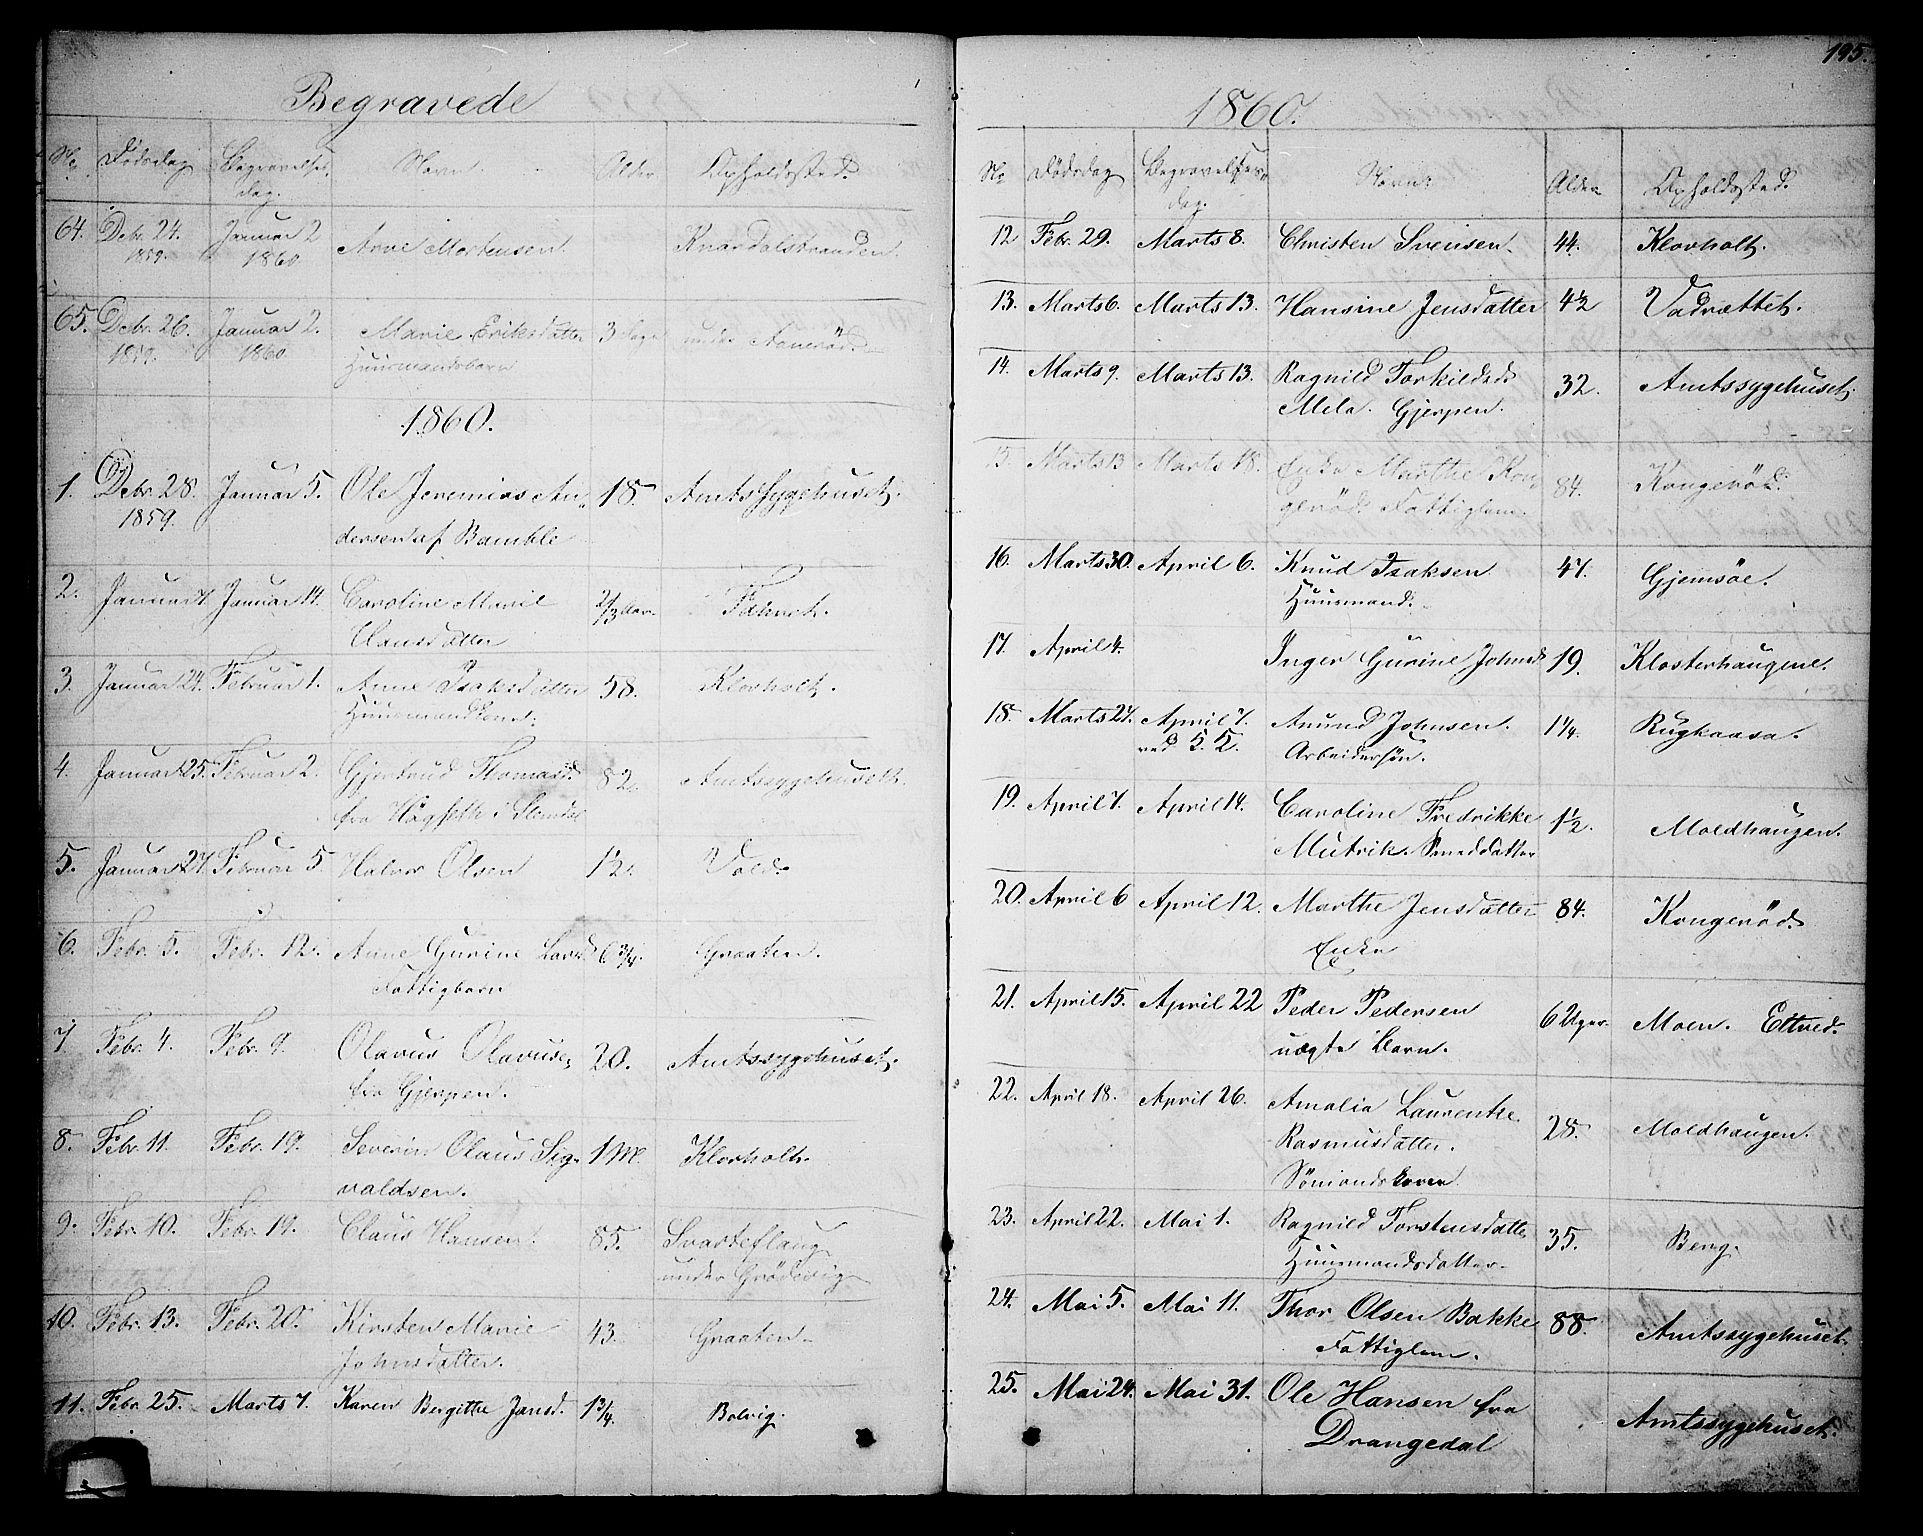 SAKO, Solum kirkebøker, G/Ga/L0004: Klokkerbok nr. I 4, 1859-1876, s. 195